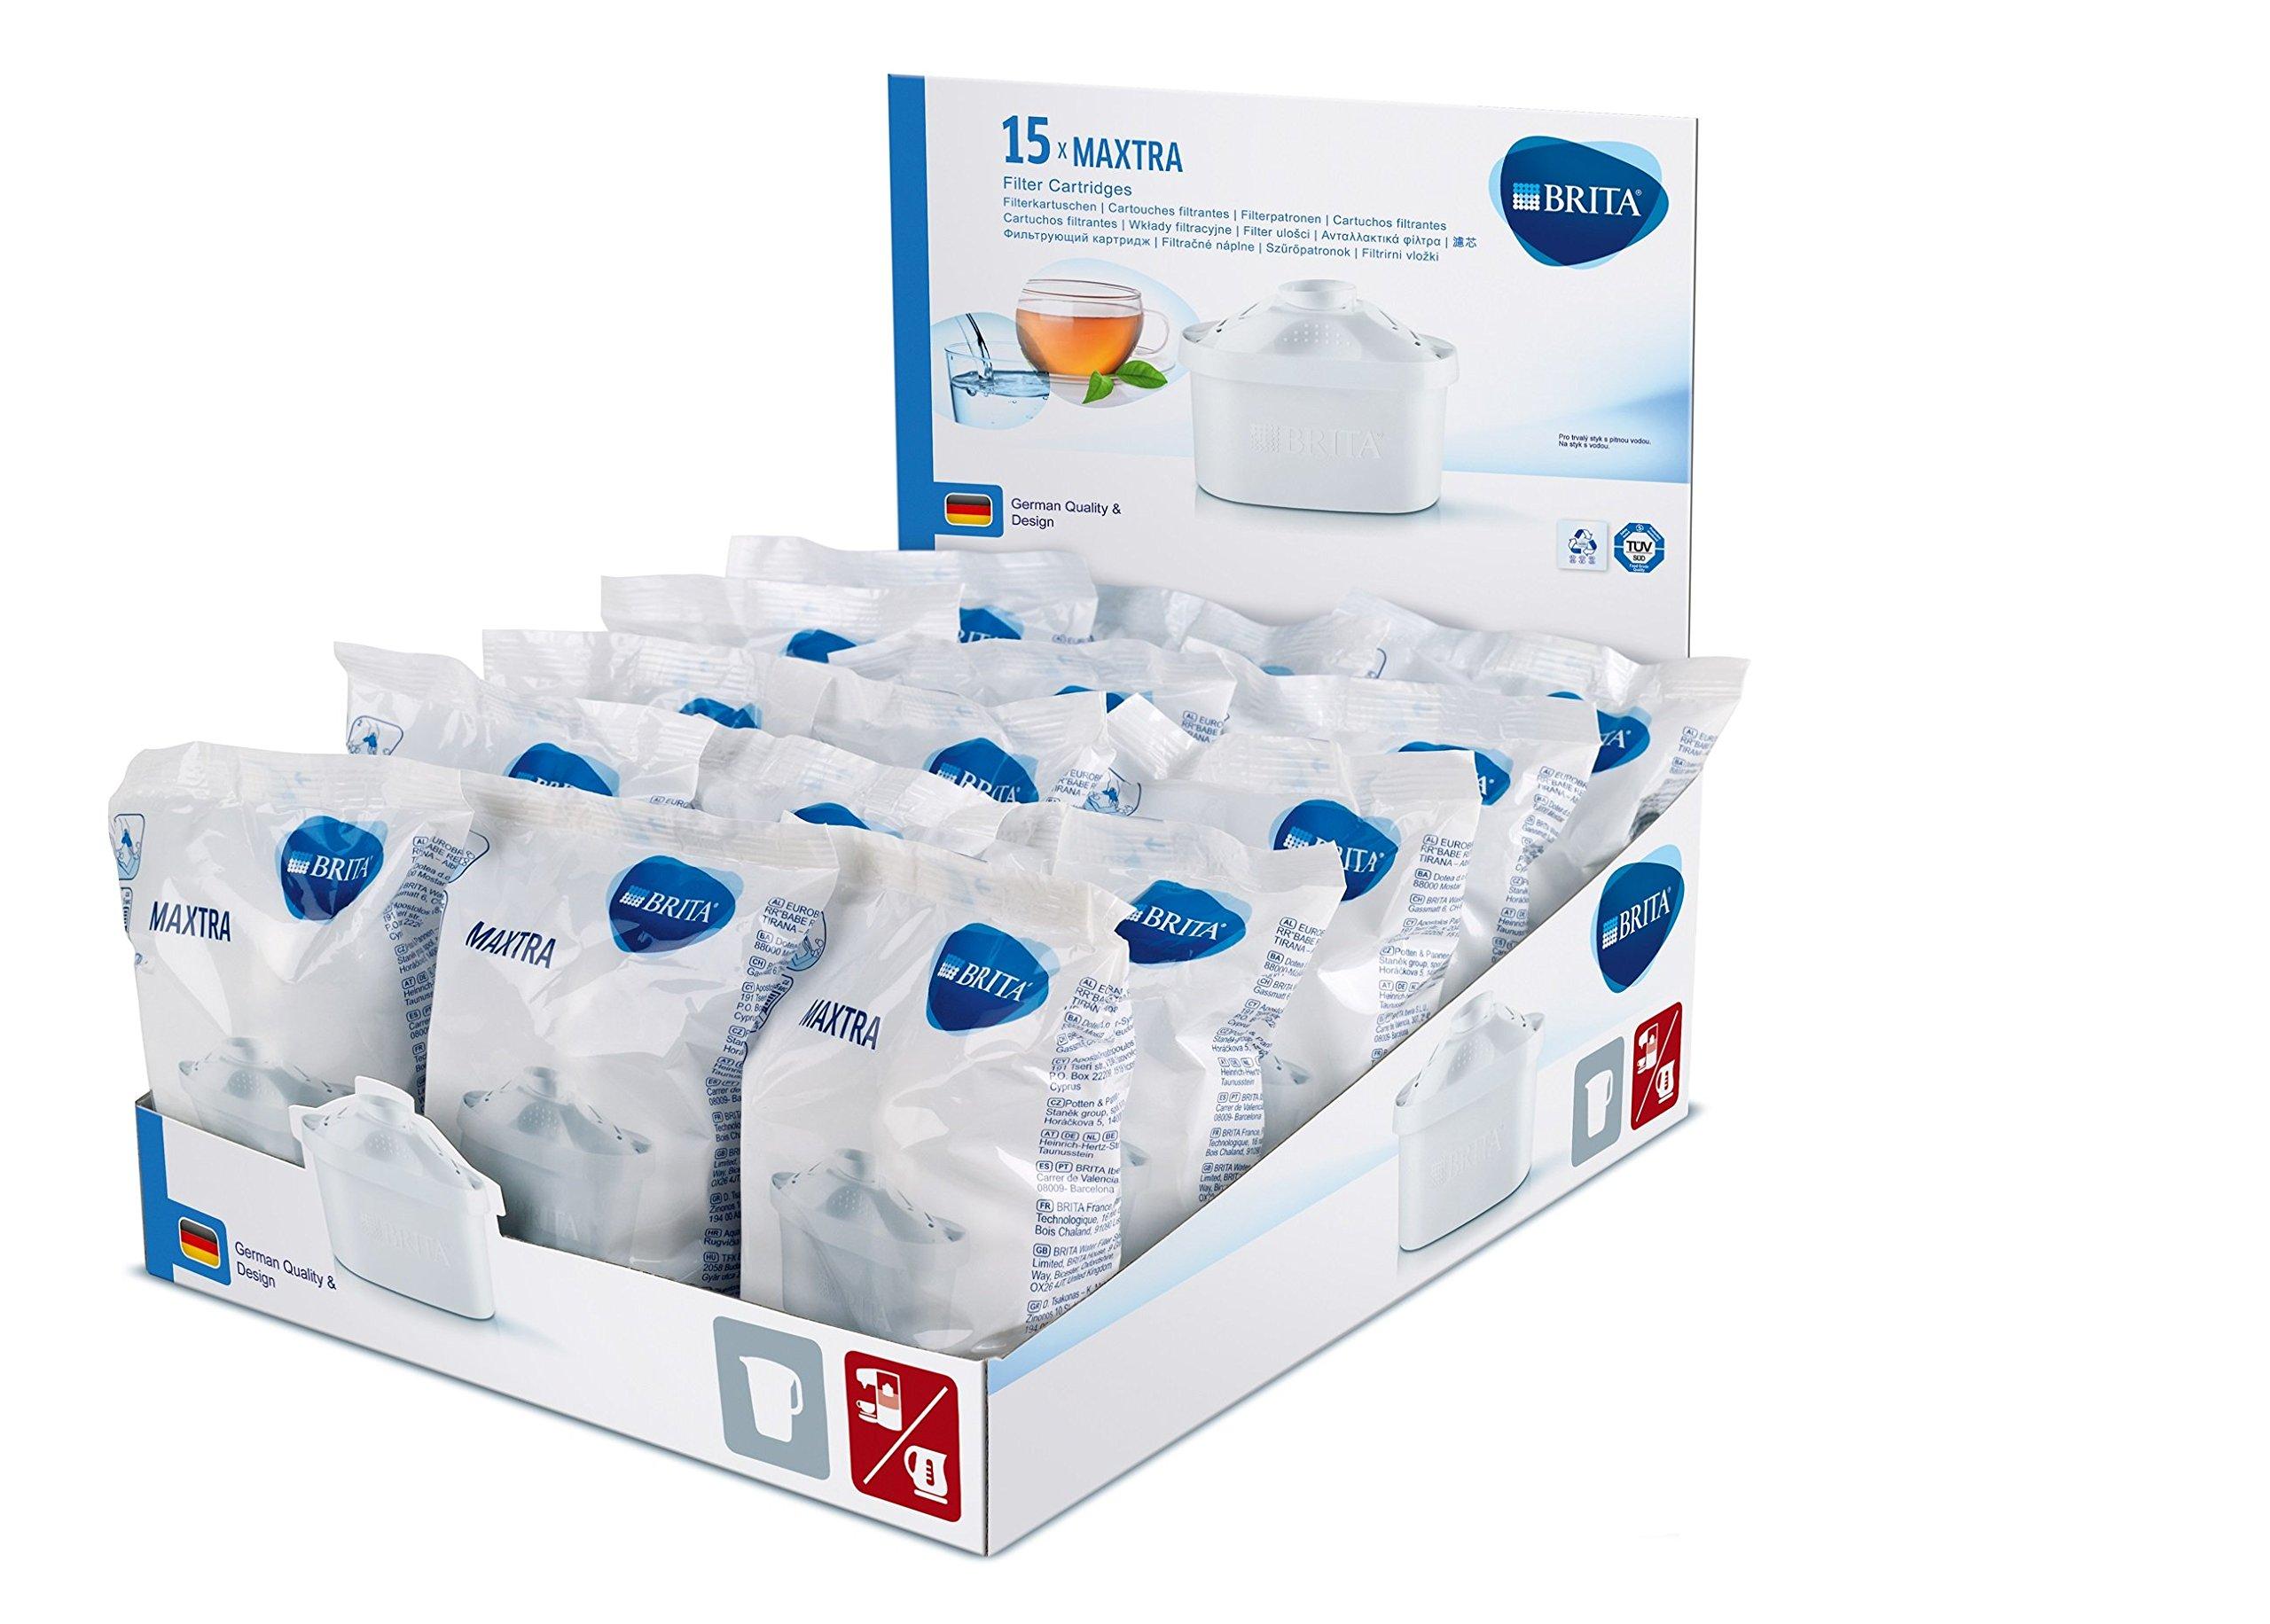 BRITA Maxtra Filtro de Agua, Carbón Activo, Blanco, Paquete de 15, Unidades: Amazon.es: Hogar